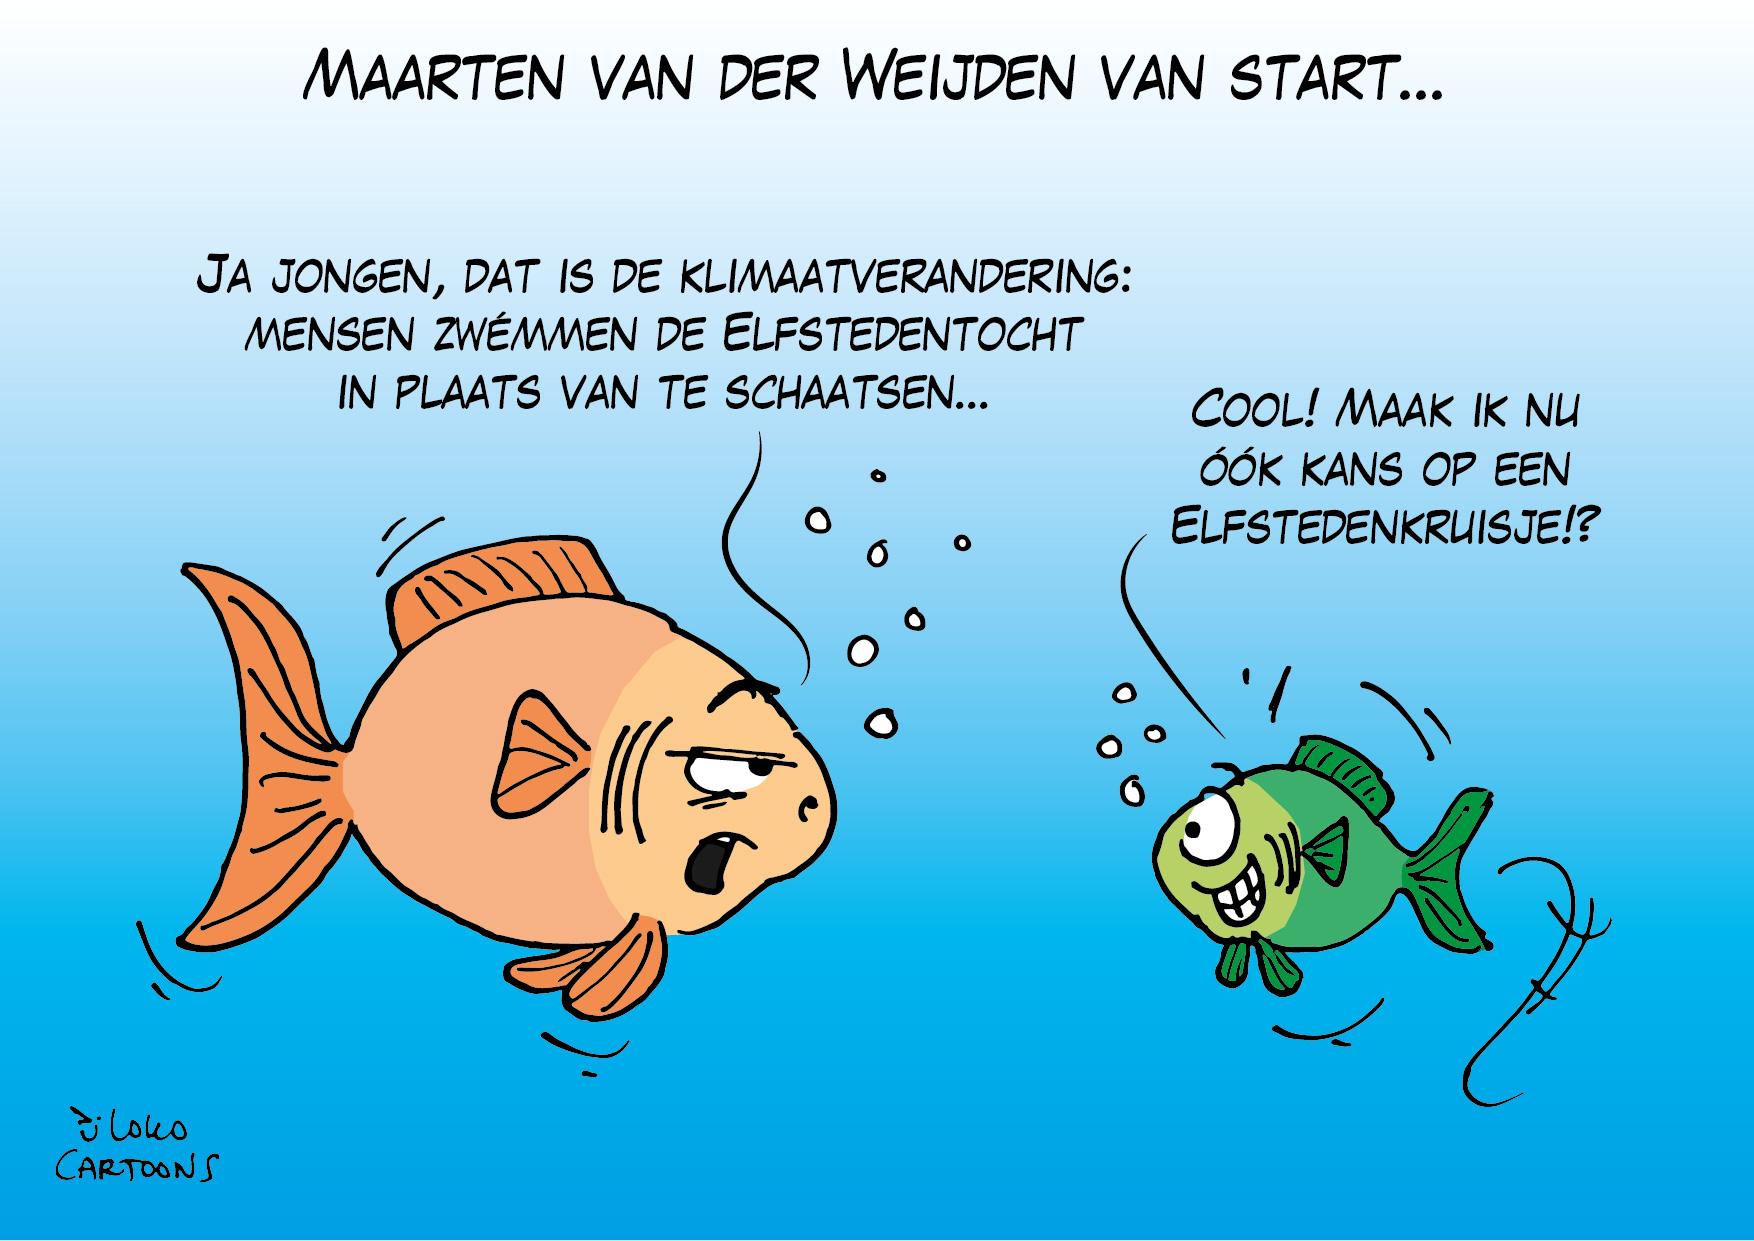 Maarten van der Weijden van start…